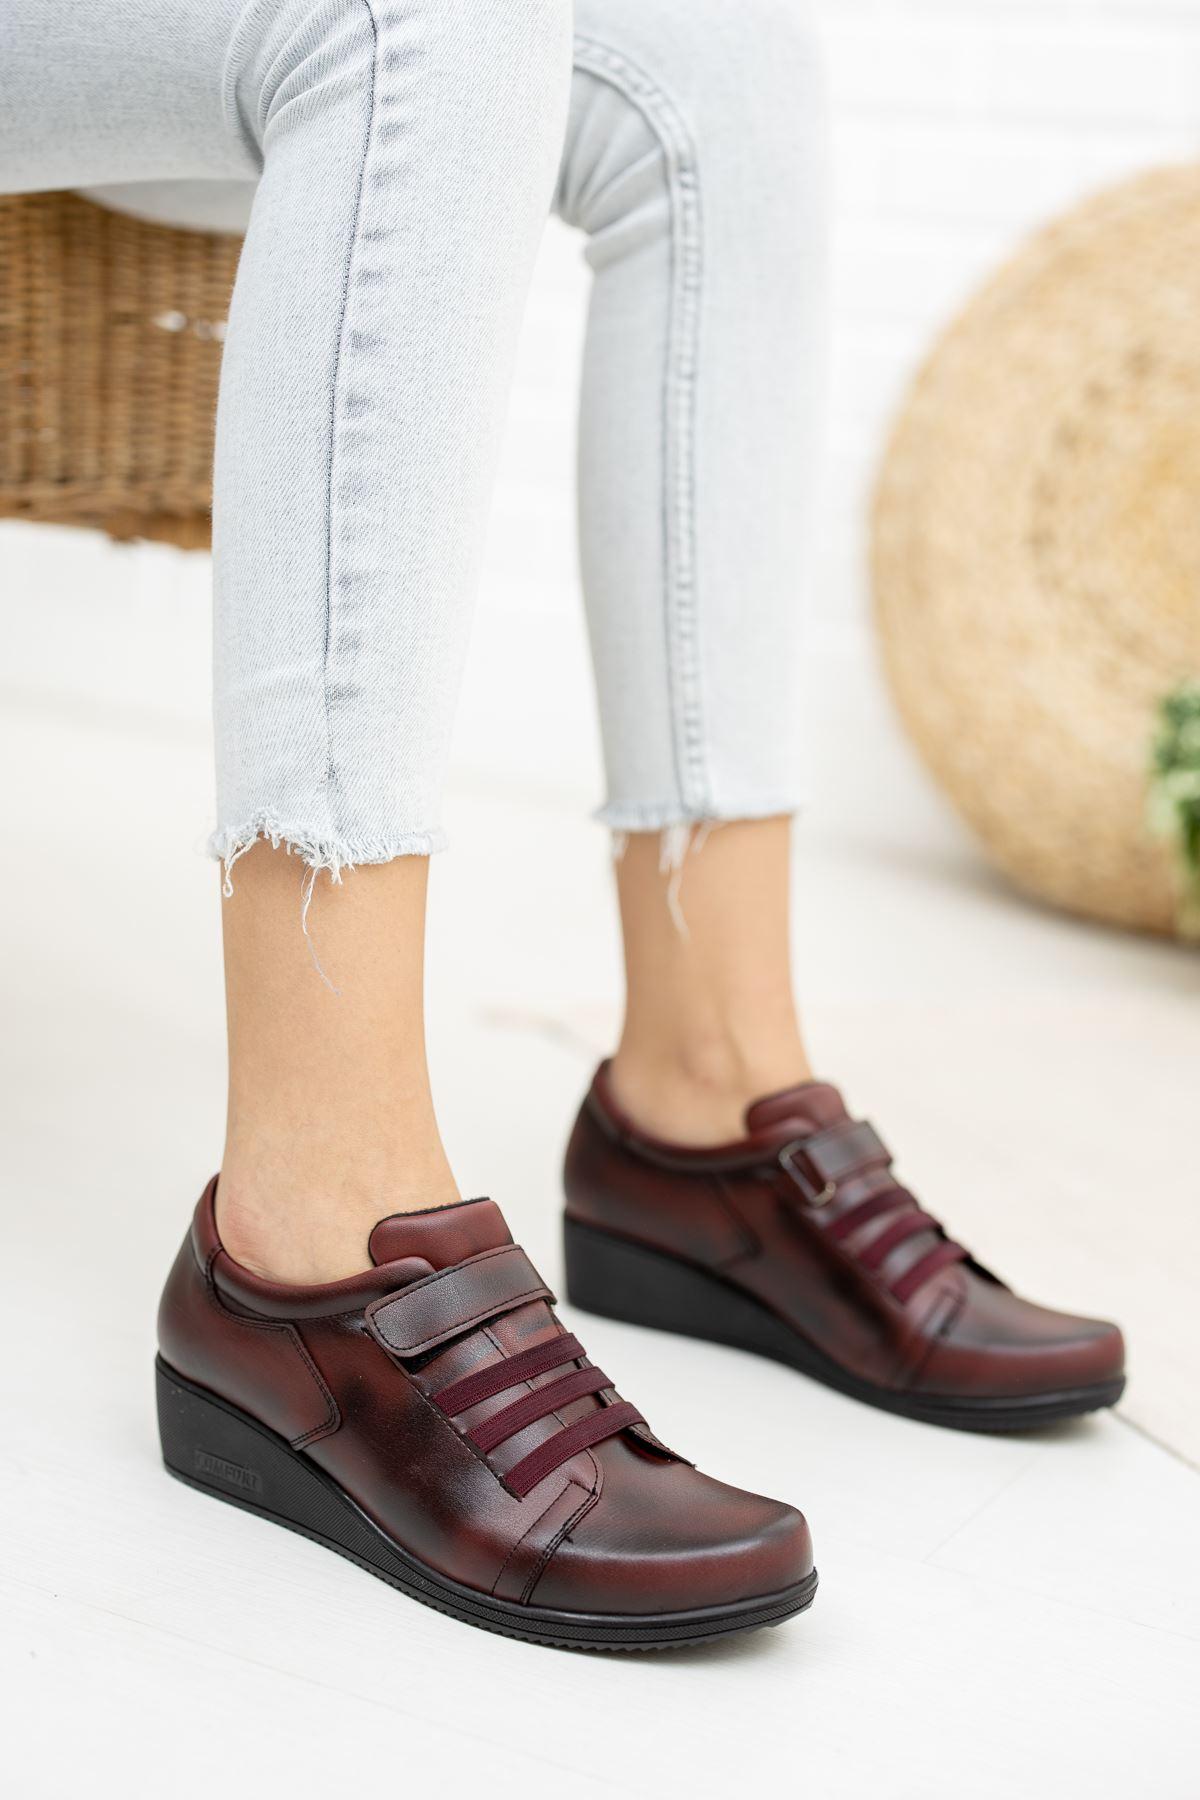 Cırtlı 3 Lastikli Ortapedik Pedli Bordo Cilt Ayakkabı